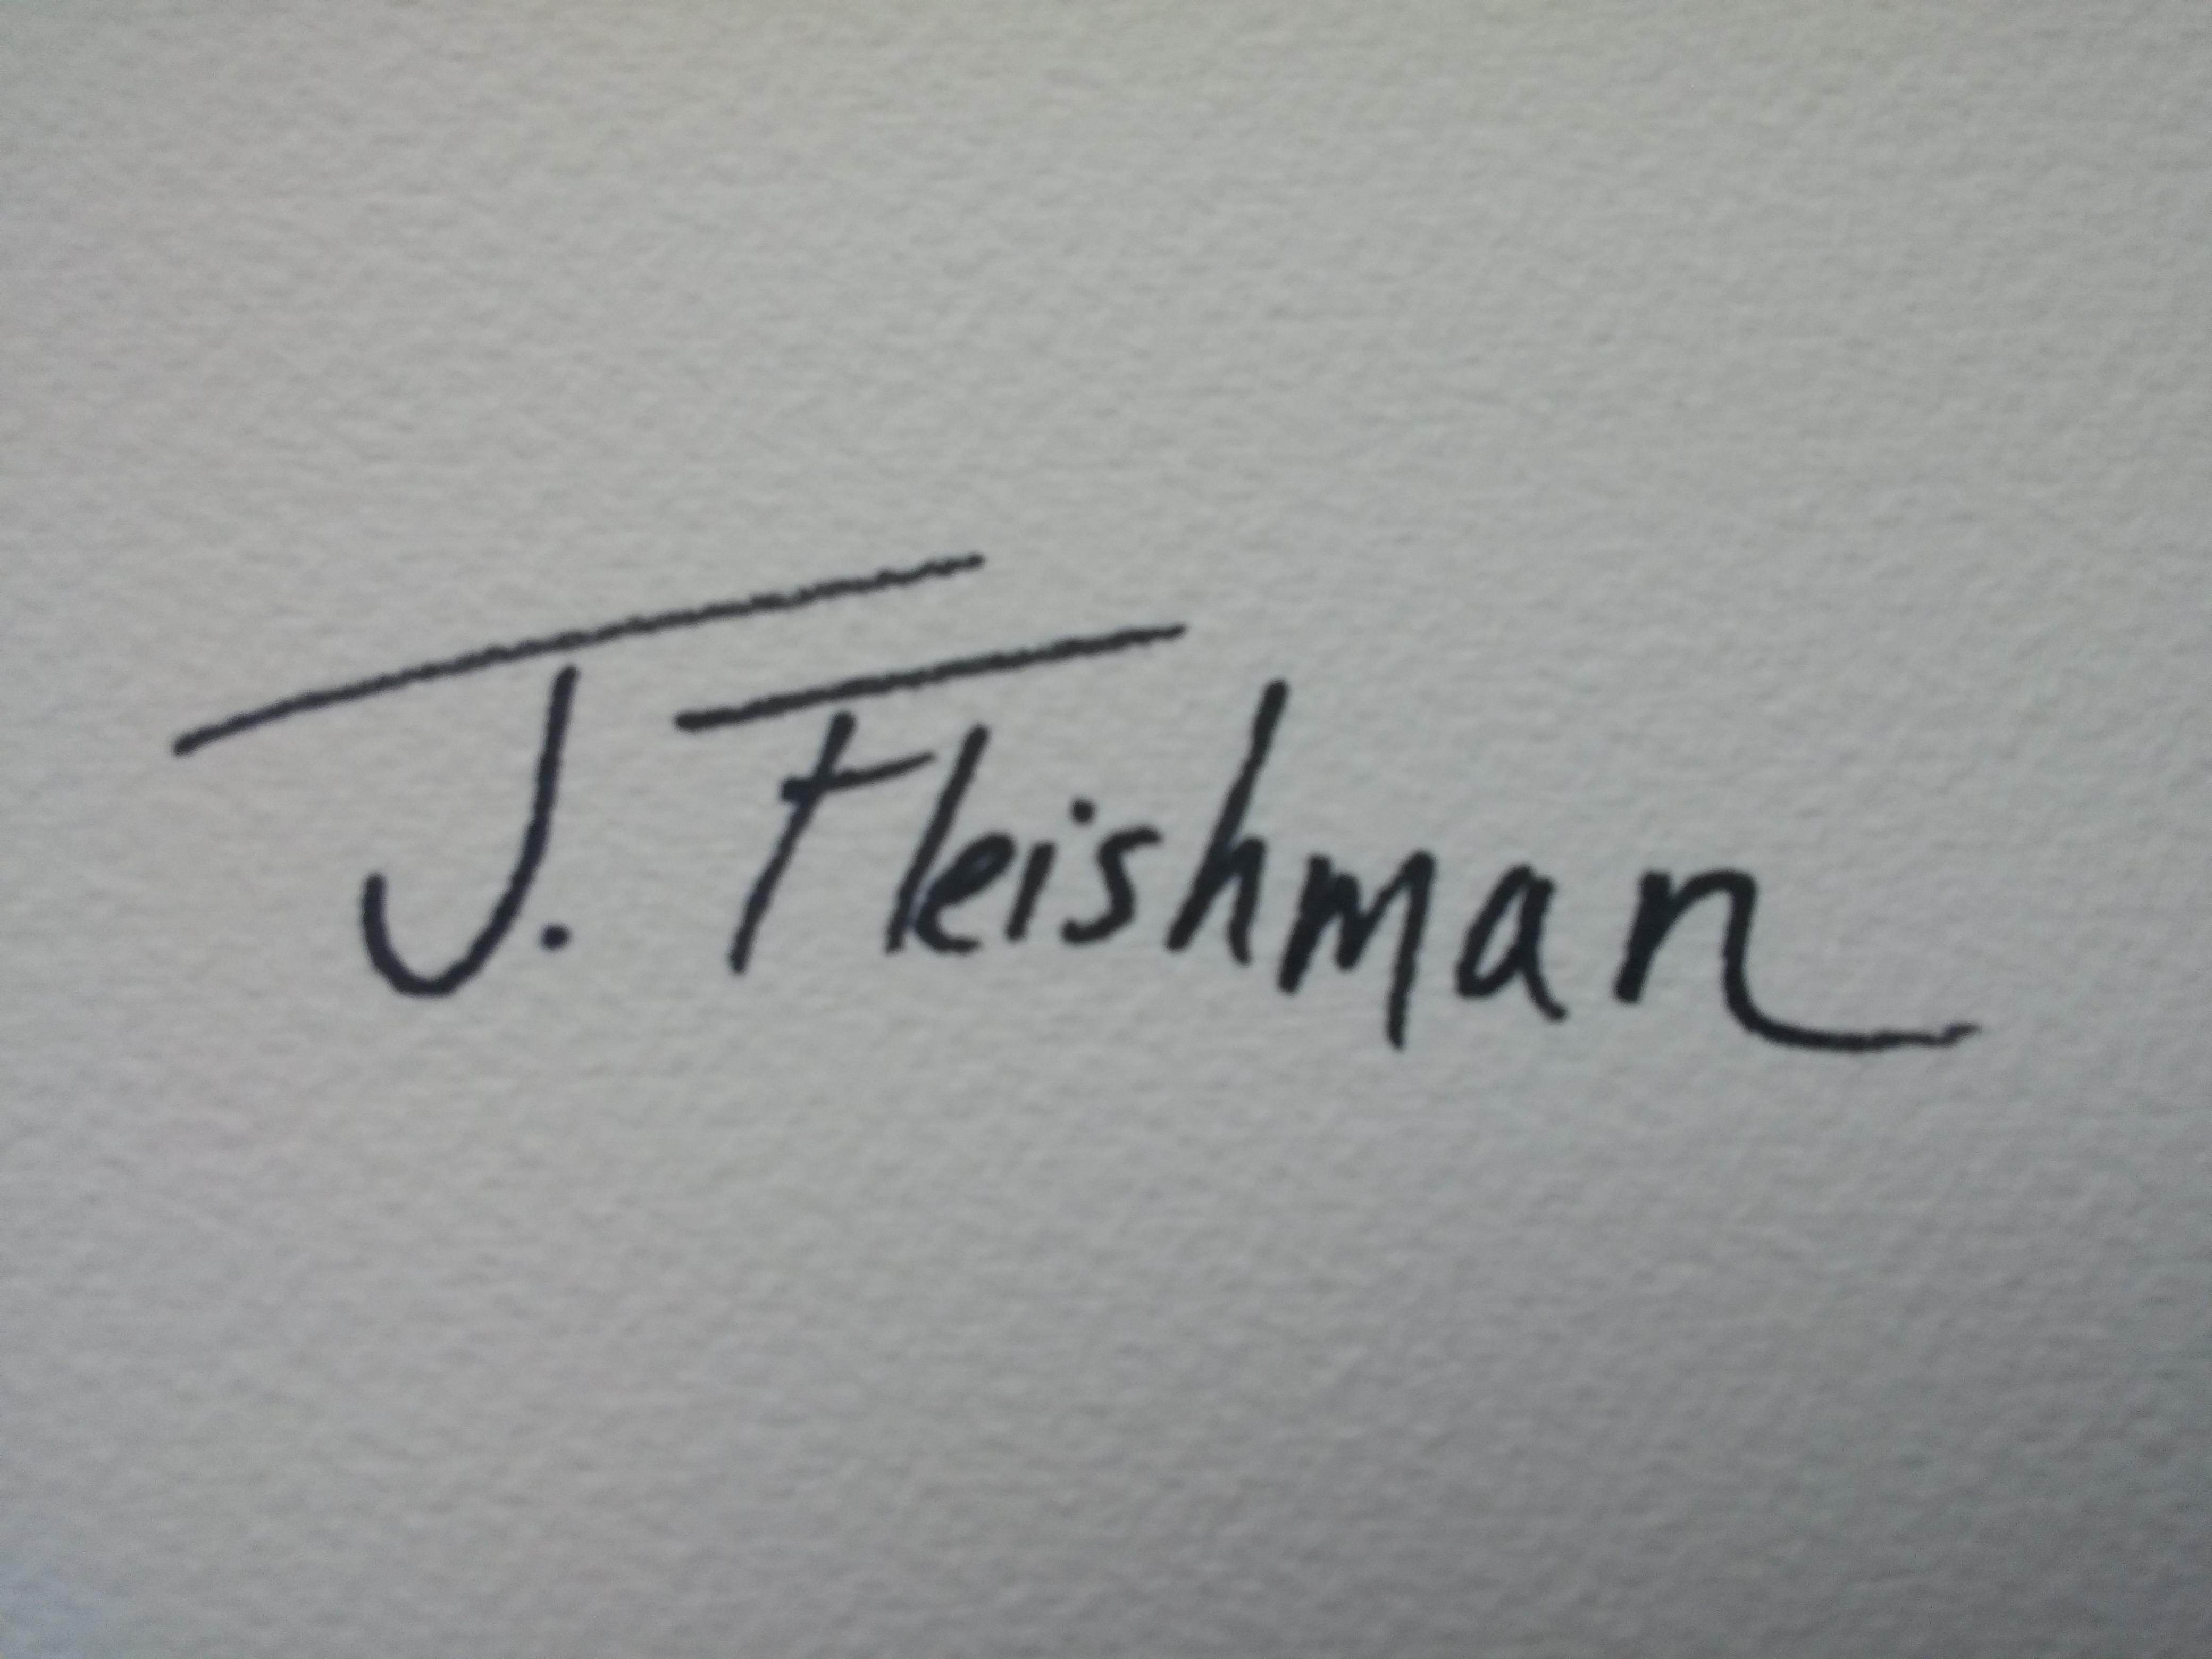 Jo-Ann Fleishman's Signature